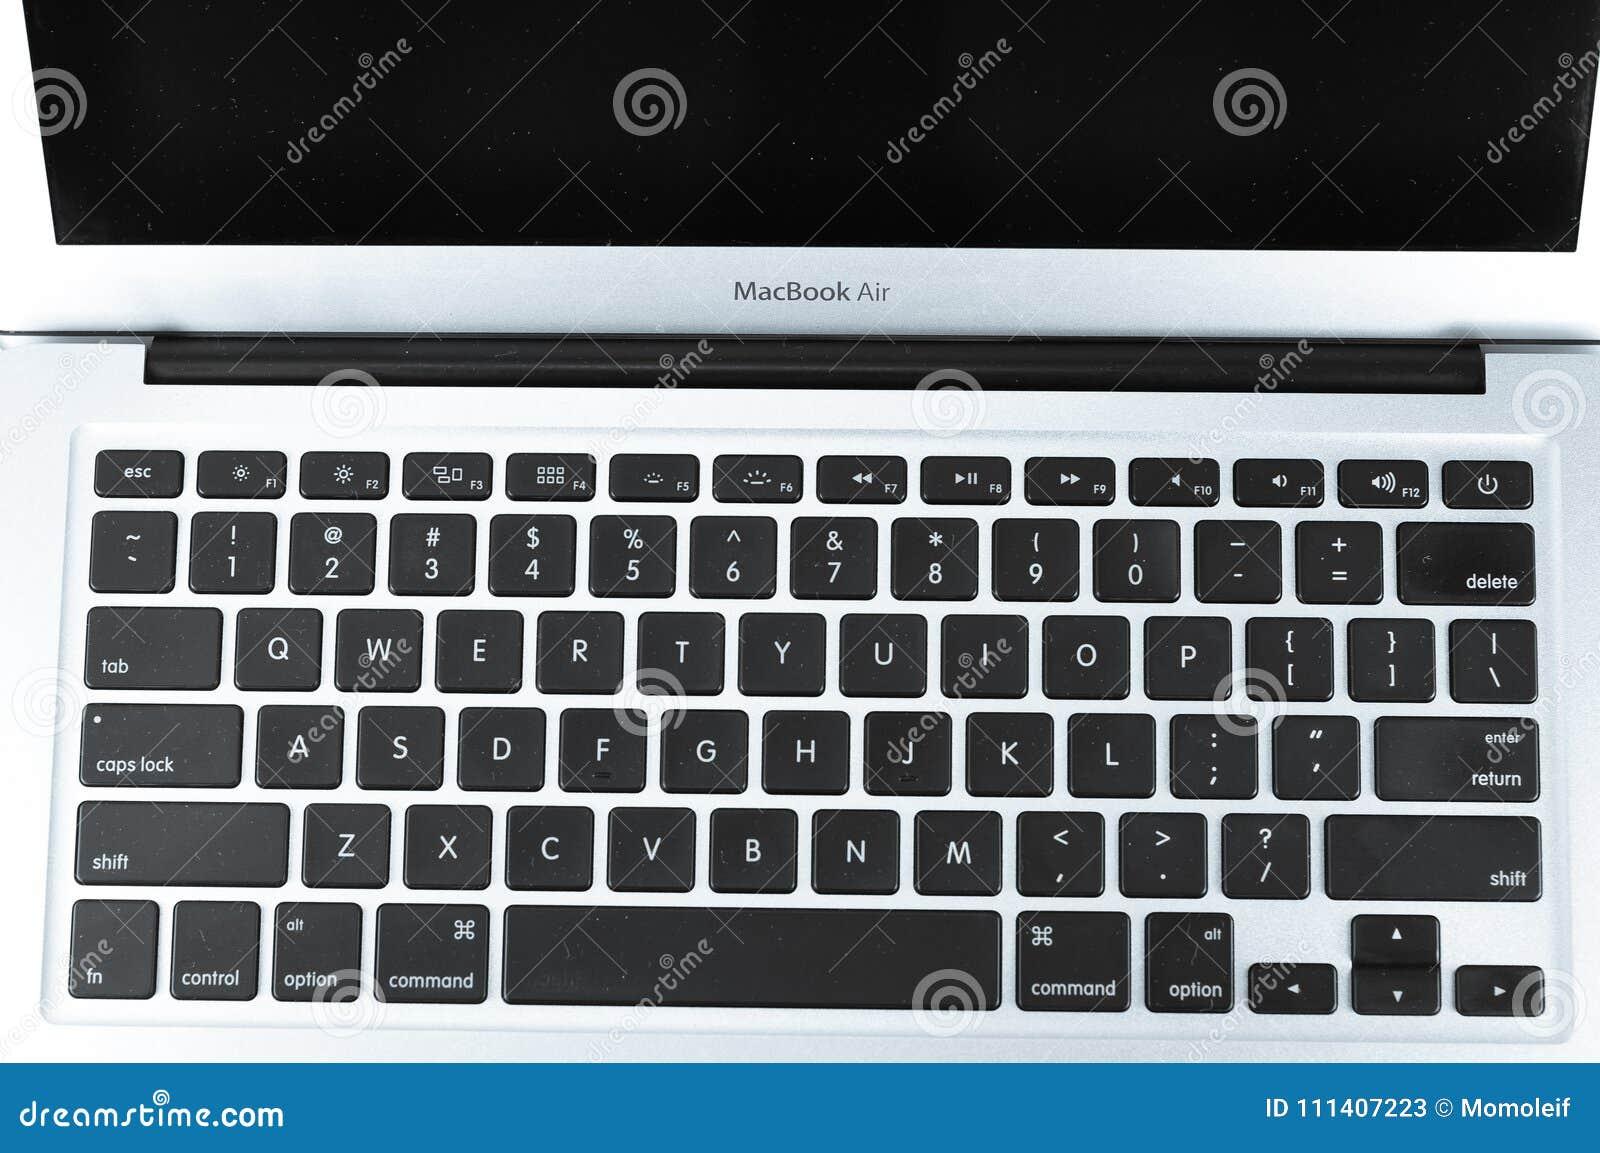 ctrl alt del in macbook air